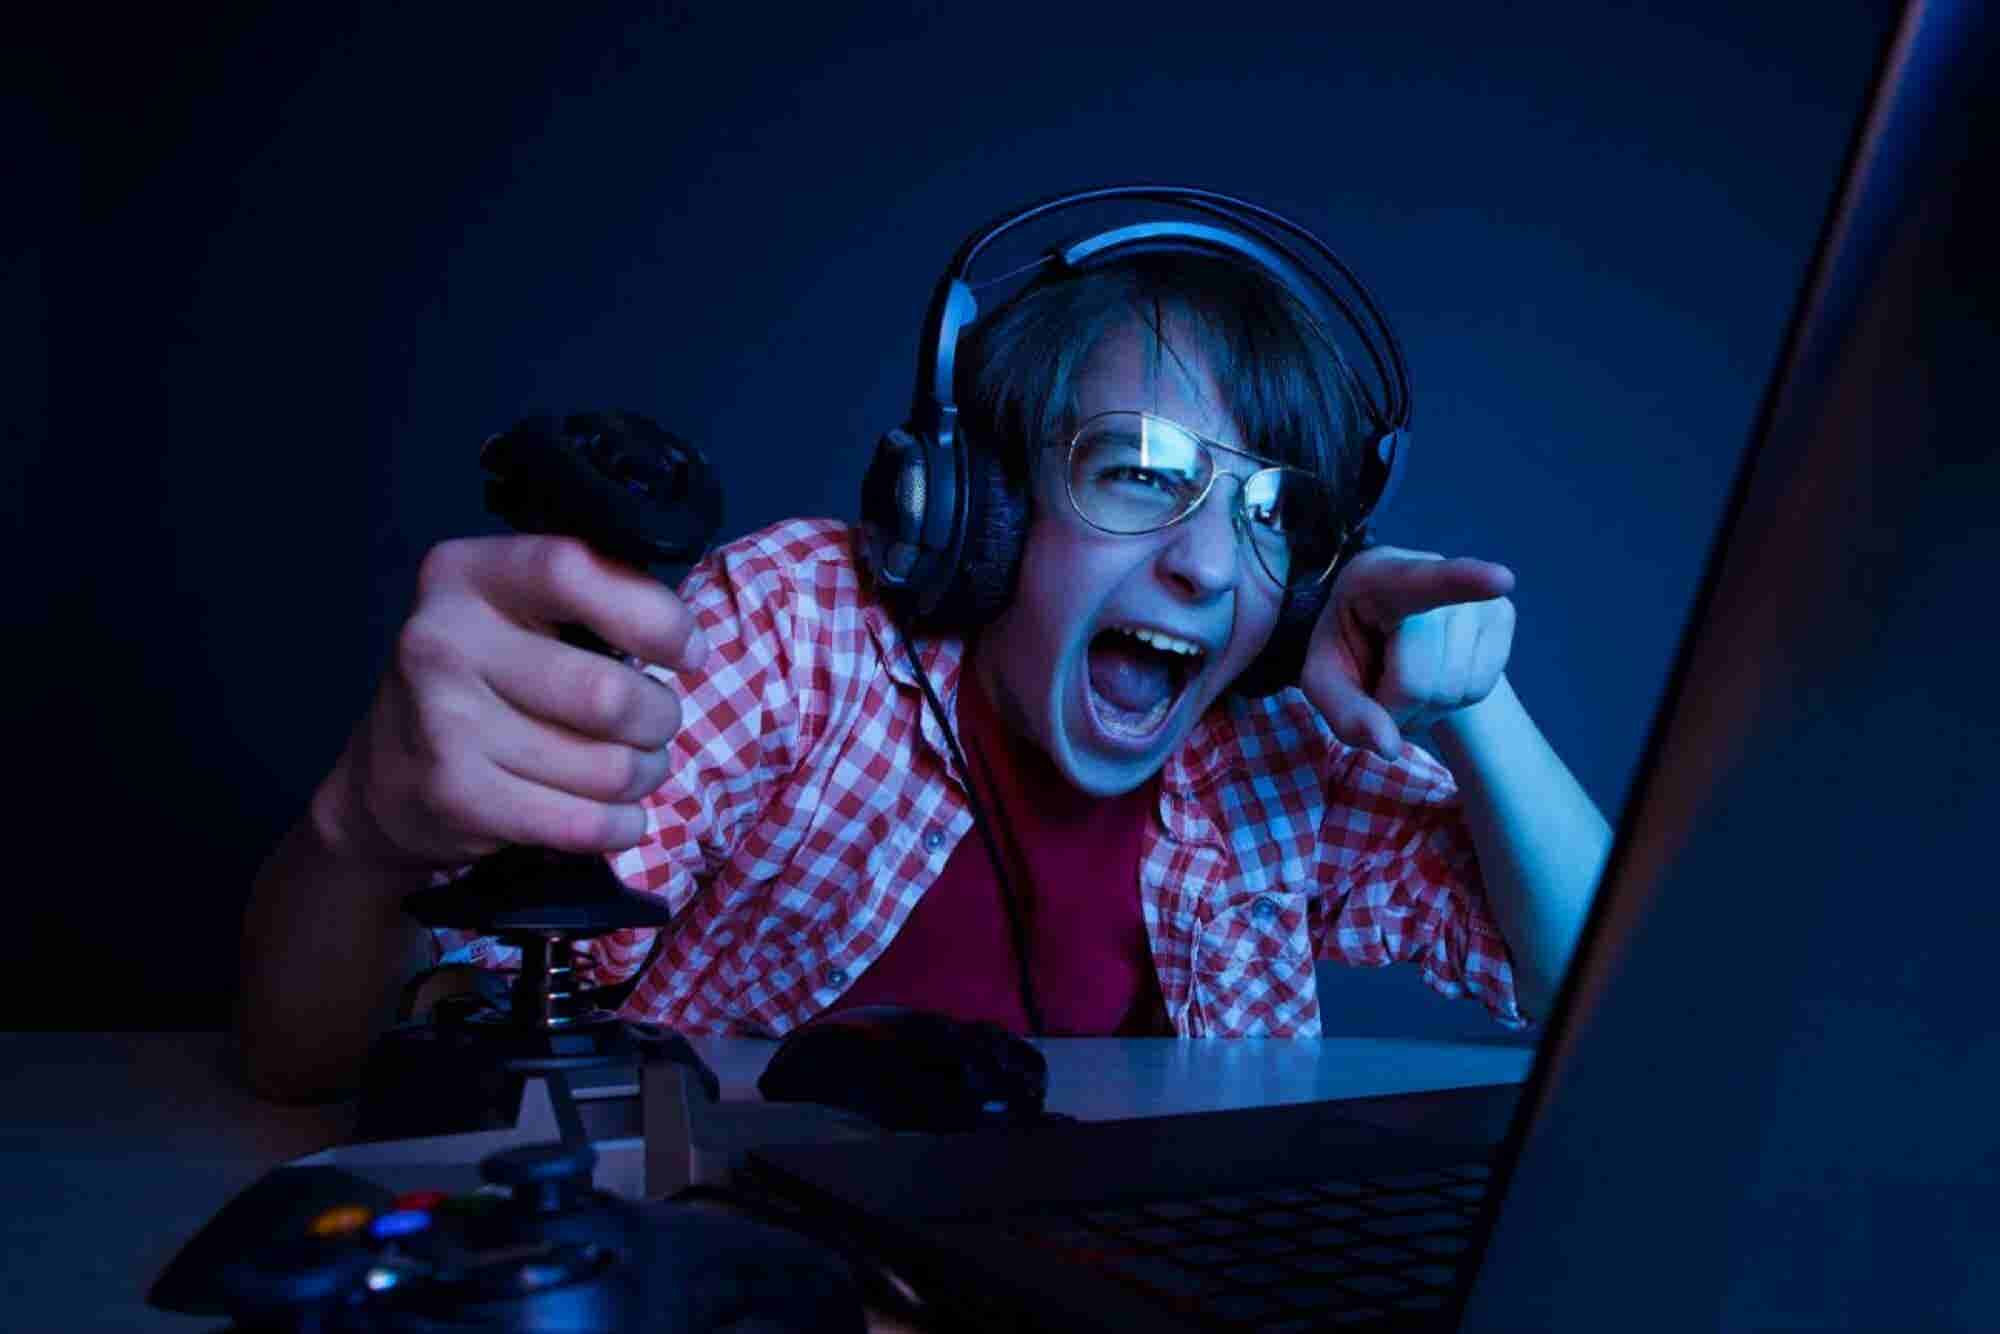 Un niño de 12 años gastó casi mil dólares en el videojuego Fornite